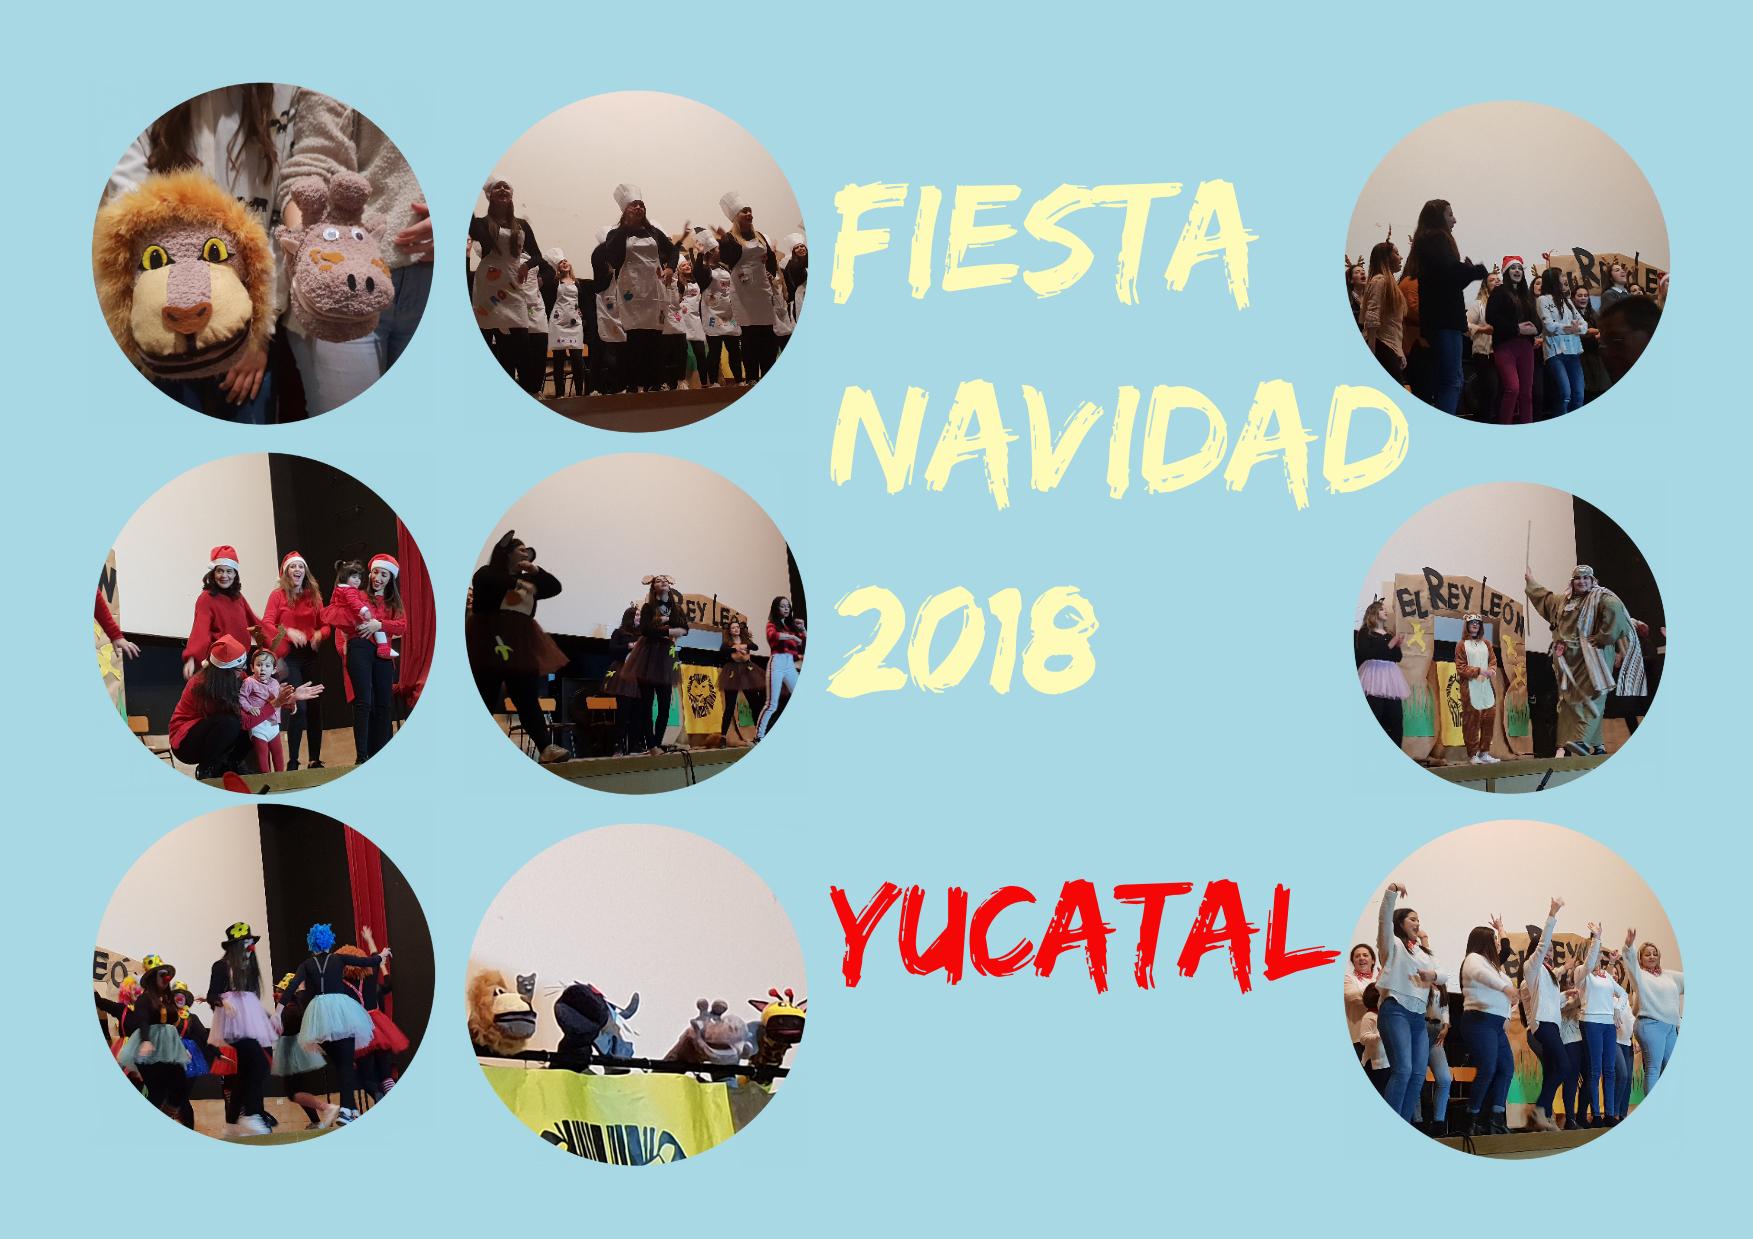 Fiesta Navidad 2018